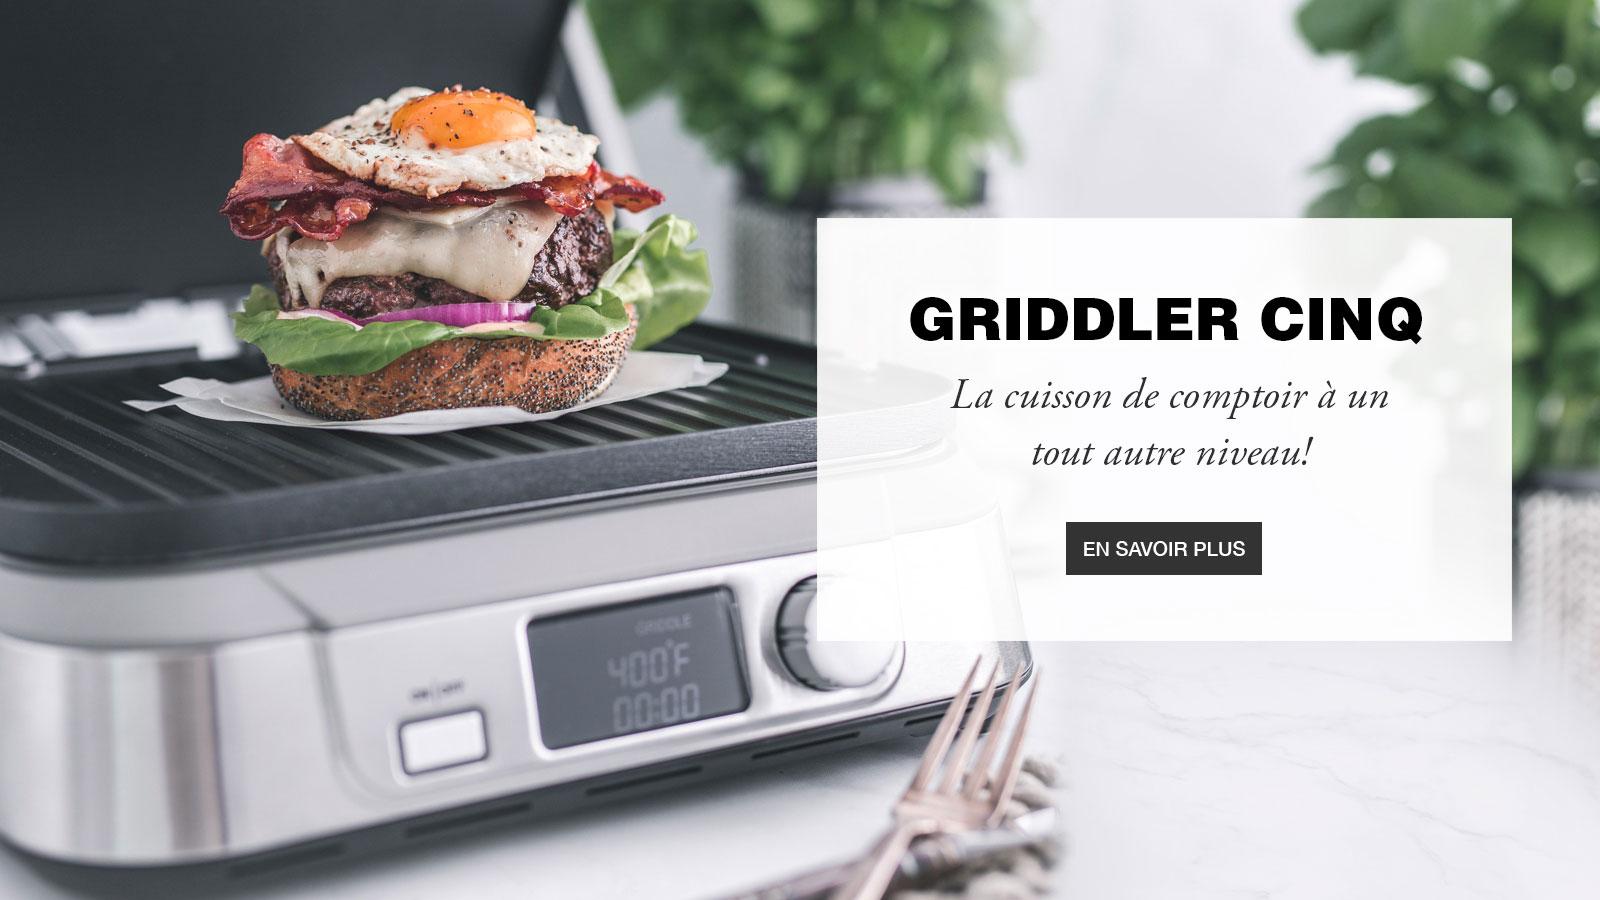 Griddler Five